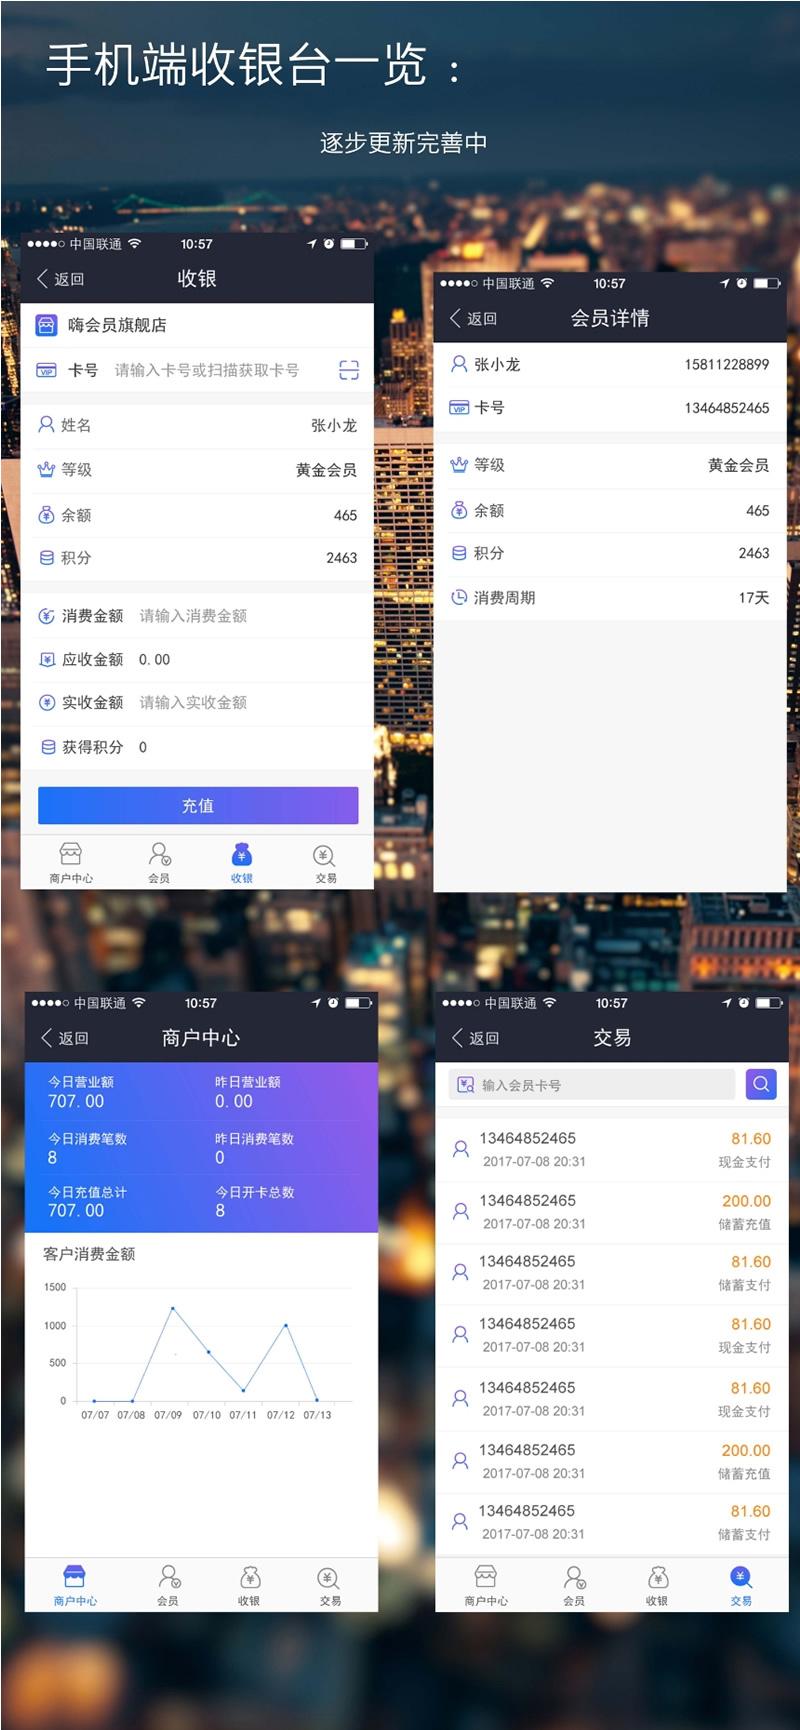 微信公众号-云会员 V2.15.7全解密安装更新-手游资源站